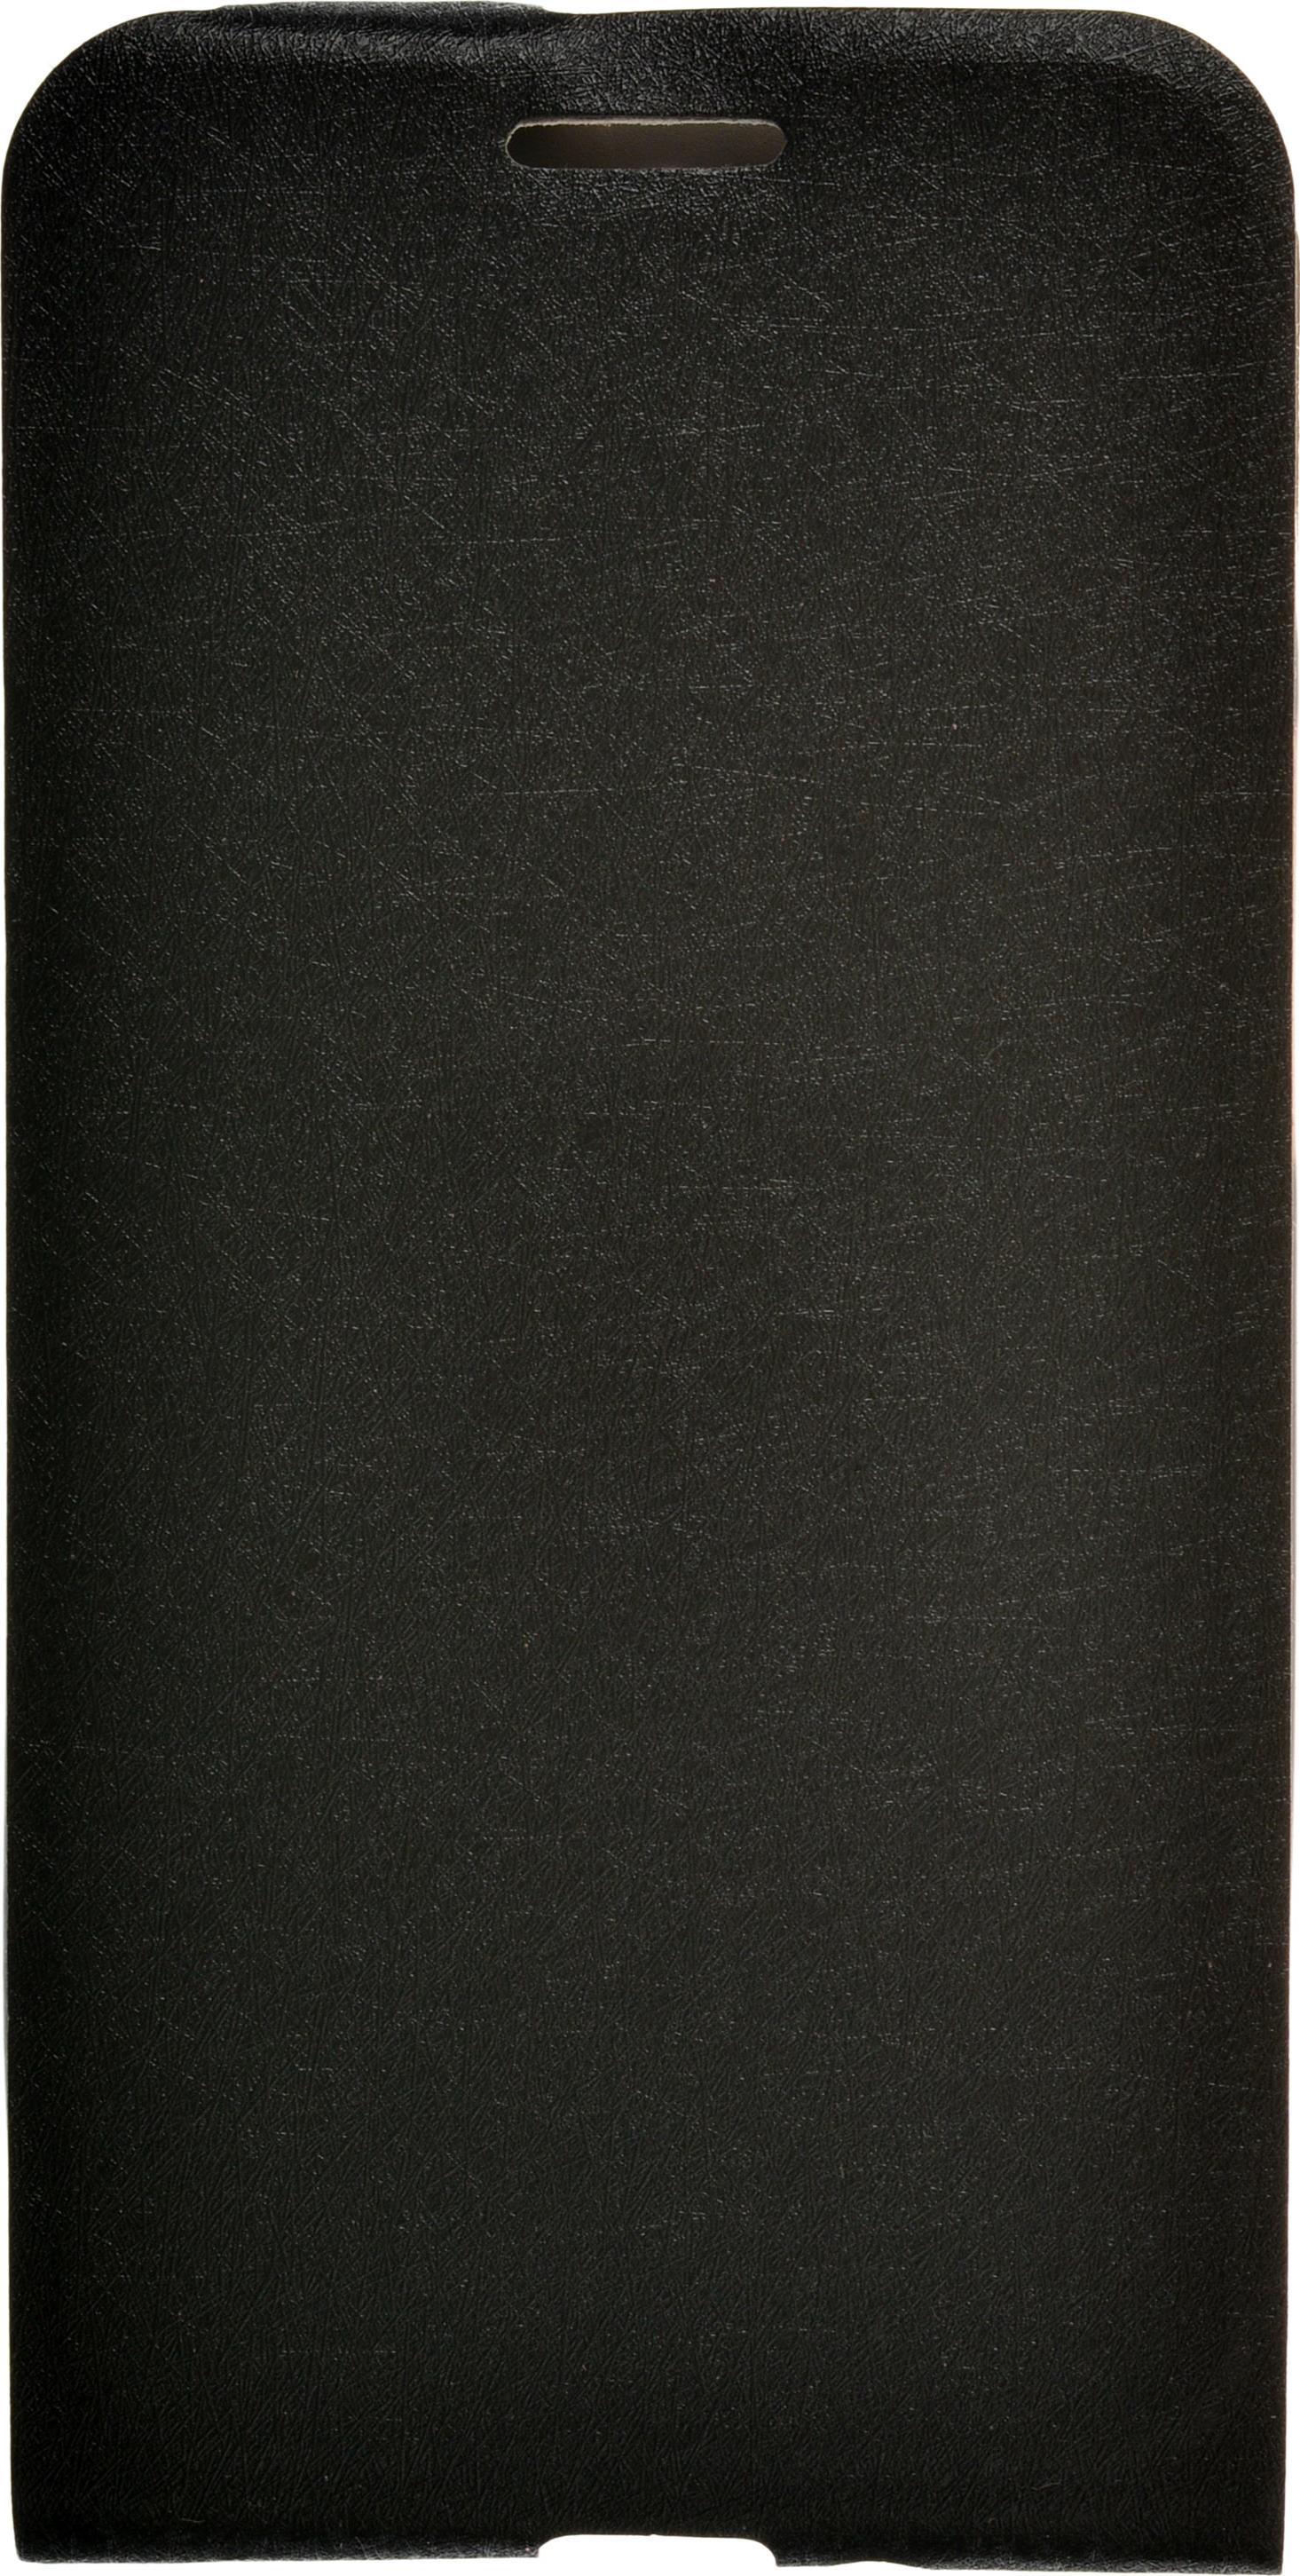 Чехол для сотового телефона skinBOX Flip slim, 4630042527812, черный чехол для сотового телефона skinbox flip slim 4660041407587 черный